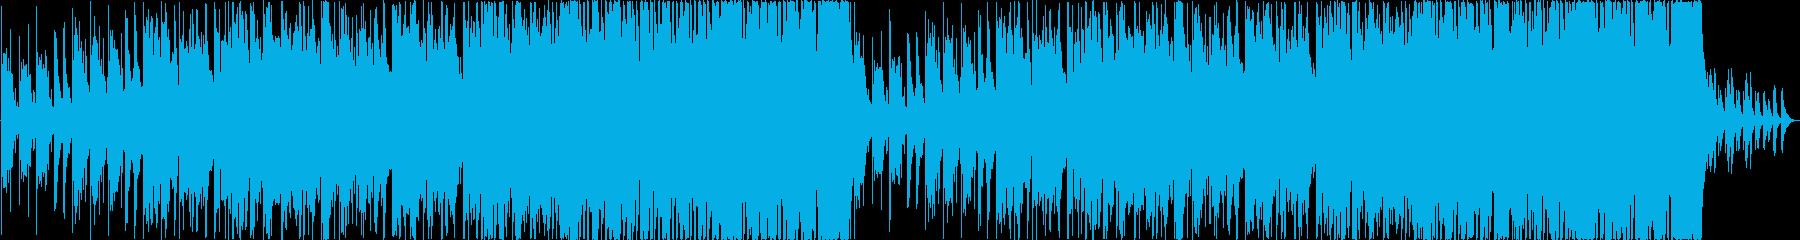 笛メイン、雪をイメージしたBGMの再生済みの波形